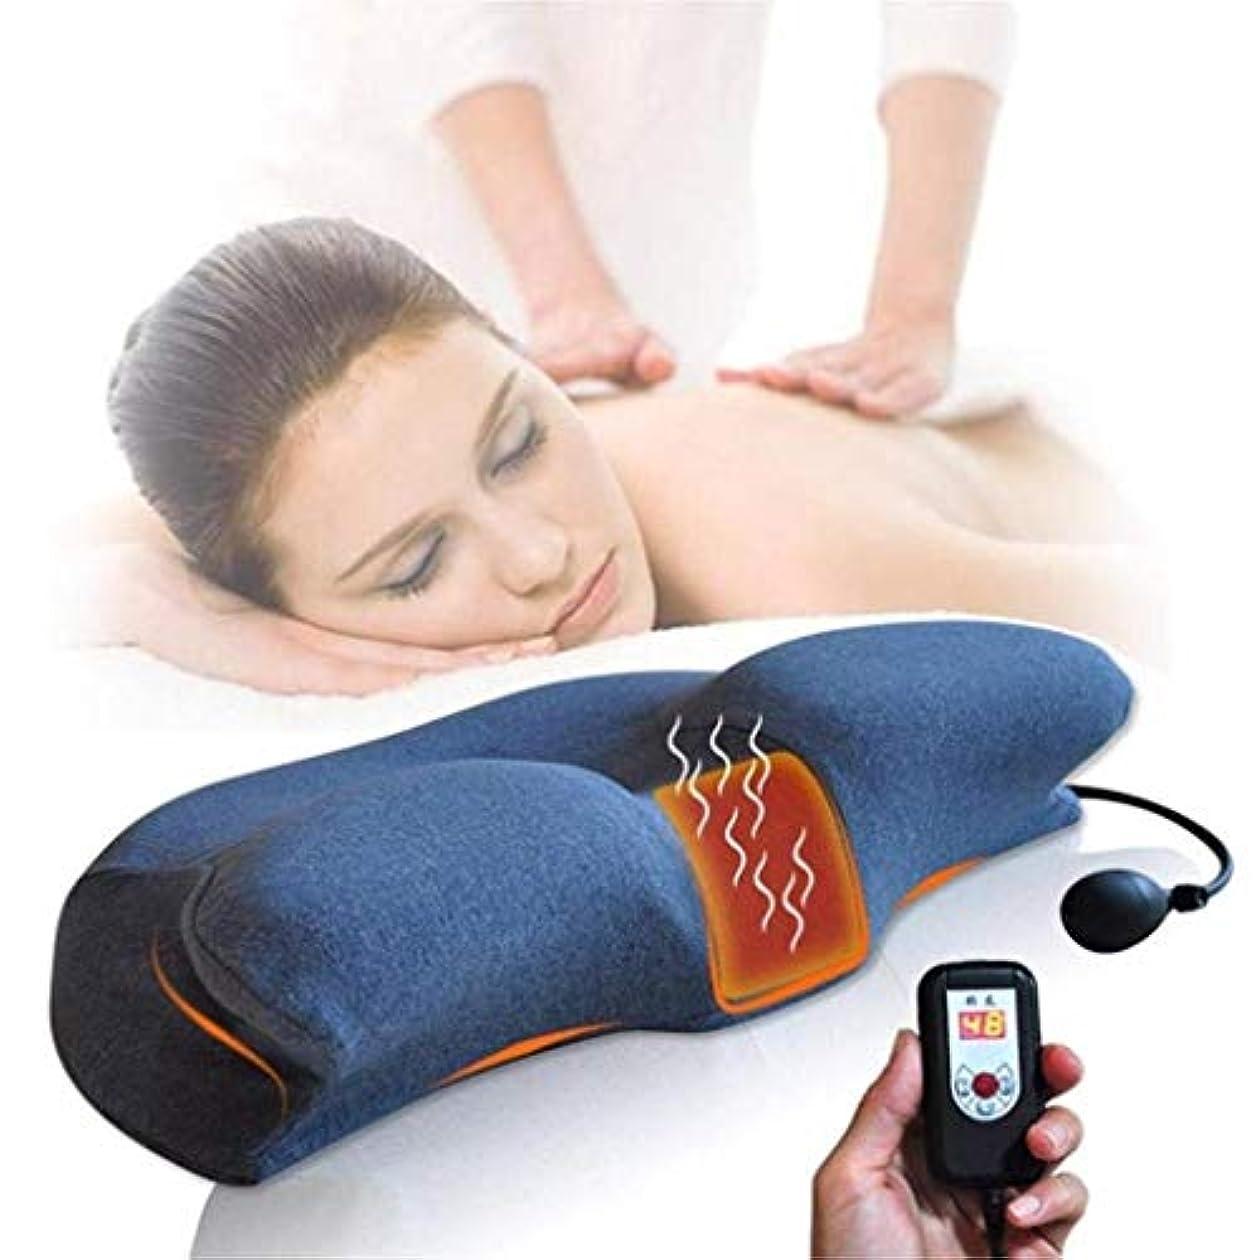 はげ植物学報告書マッサージ枕、メモリ枕、頸部牽引装置、インフレータブルヘルスケア整形外科マッサージ枕、睡眠肩枕の促進